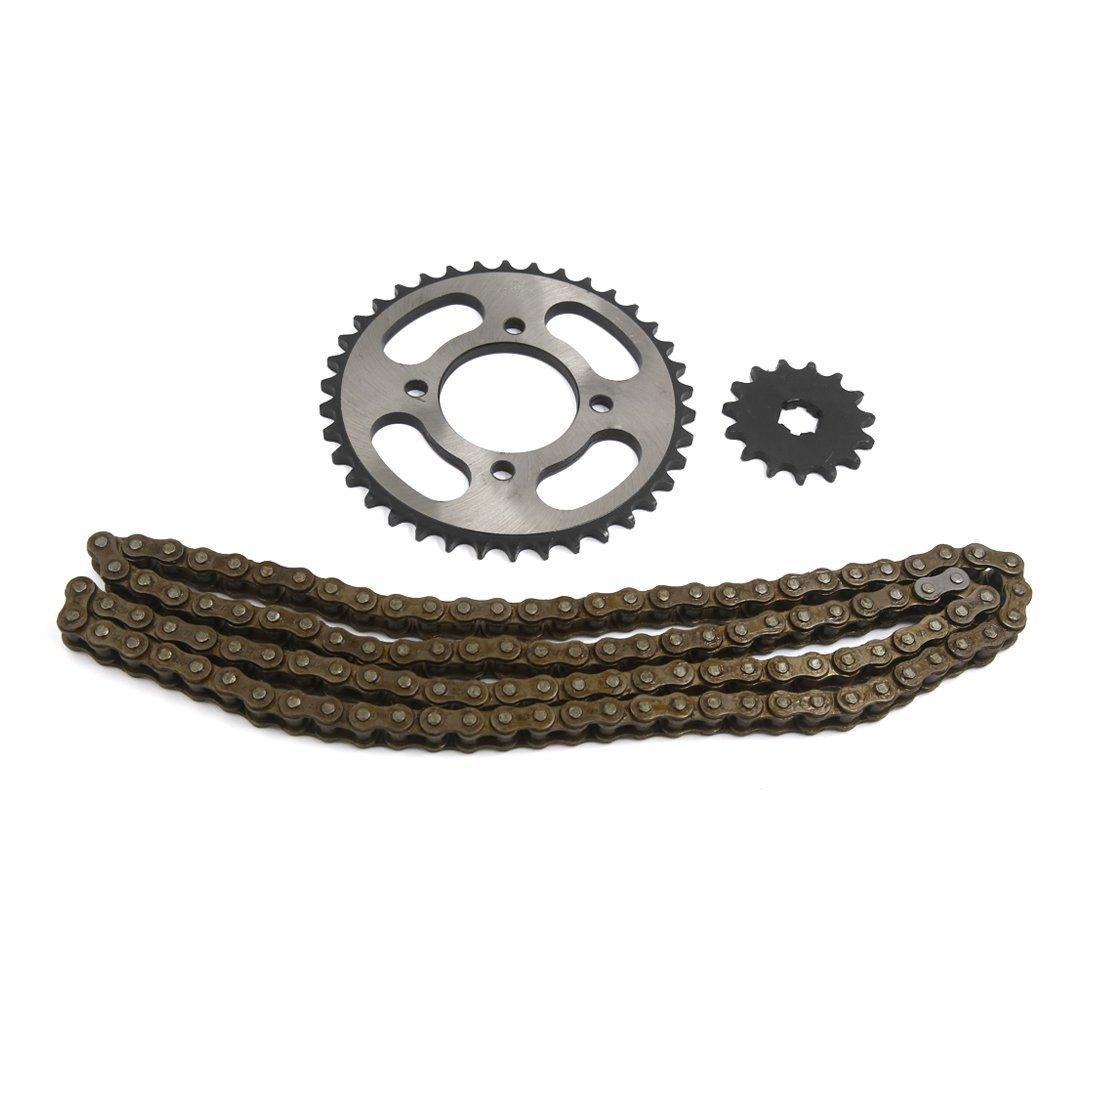 uxcell 3 in 1 O-Ringroller Chain Sprocket Kit 428H 116 Links Fit Ksmart JD125